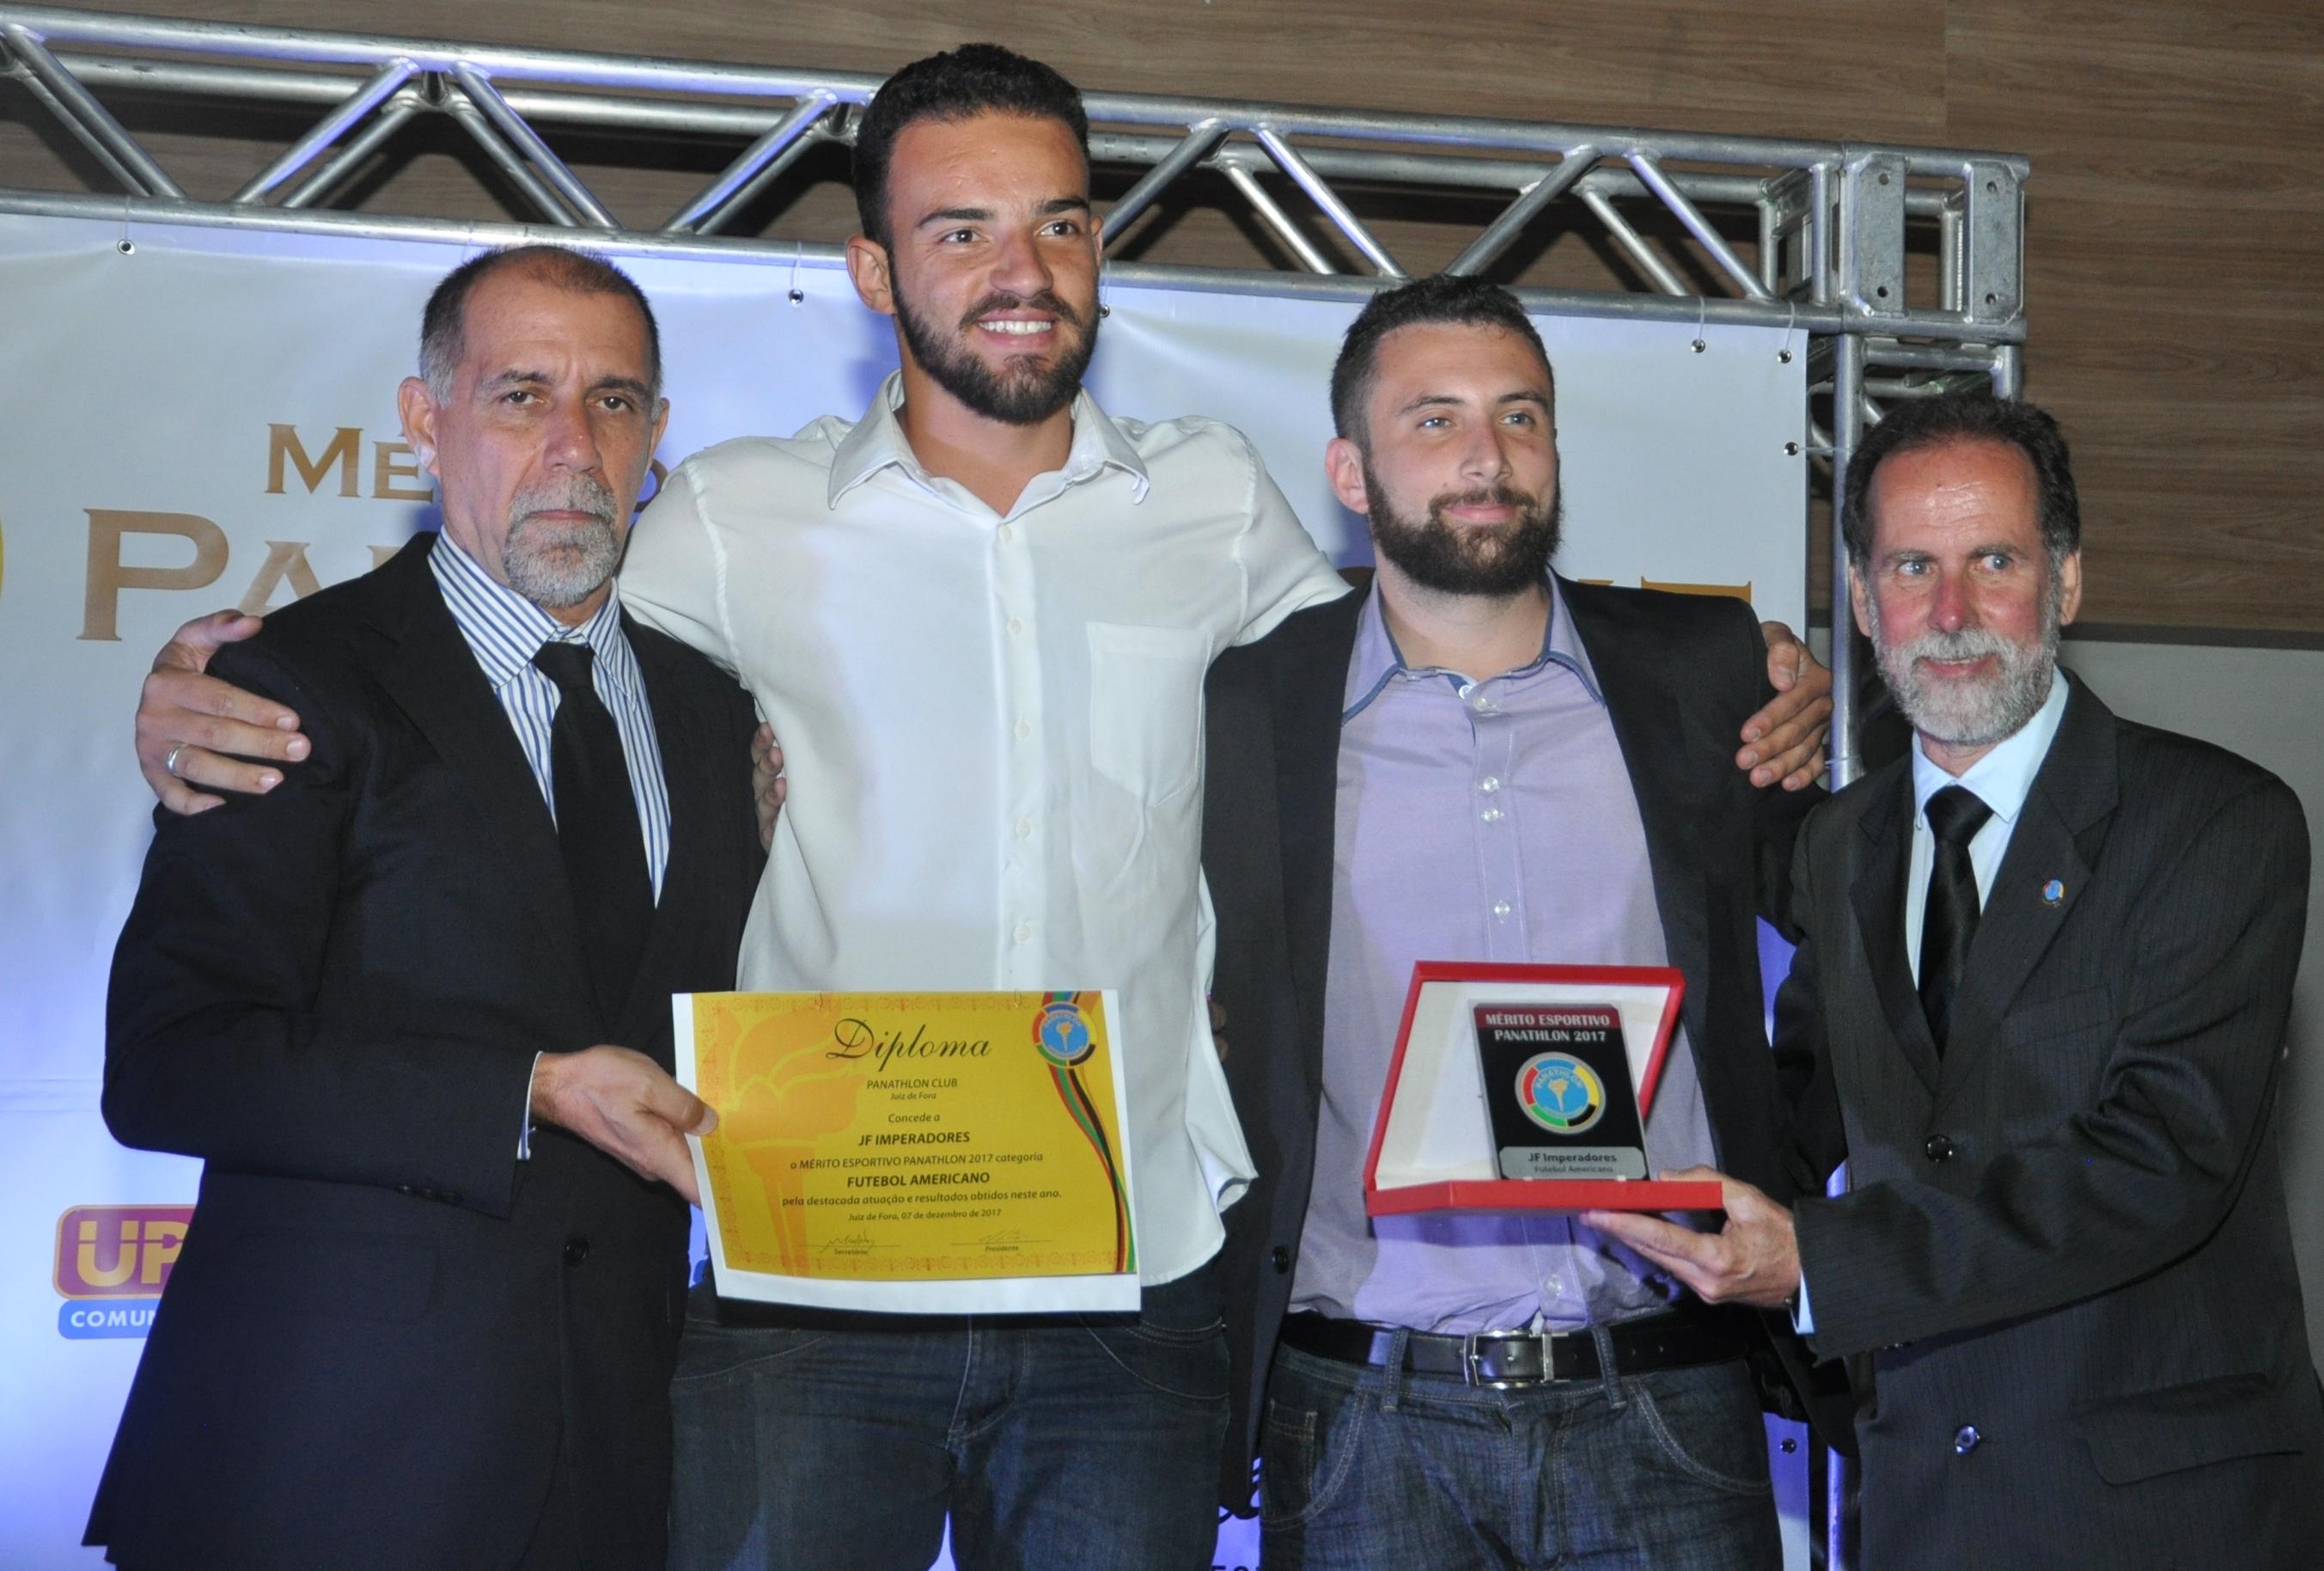 Cláudio Esteves, e Laércio Azalim e Diego Alves, do JF Imperadores (Futebol Americano) e Basileu Tavares (Panathlon Club JF)